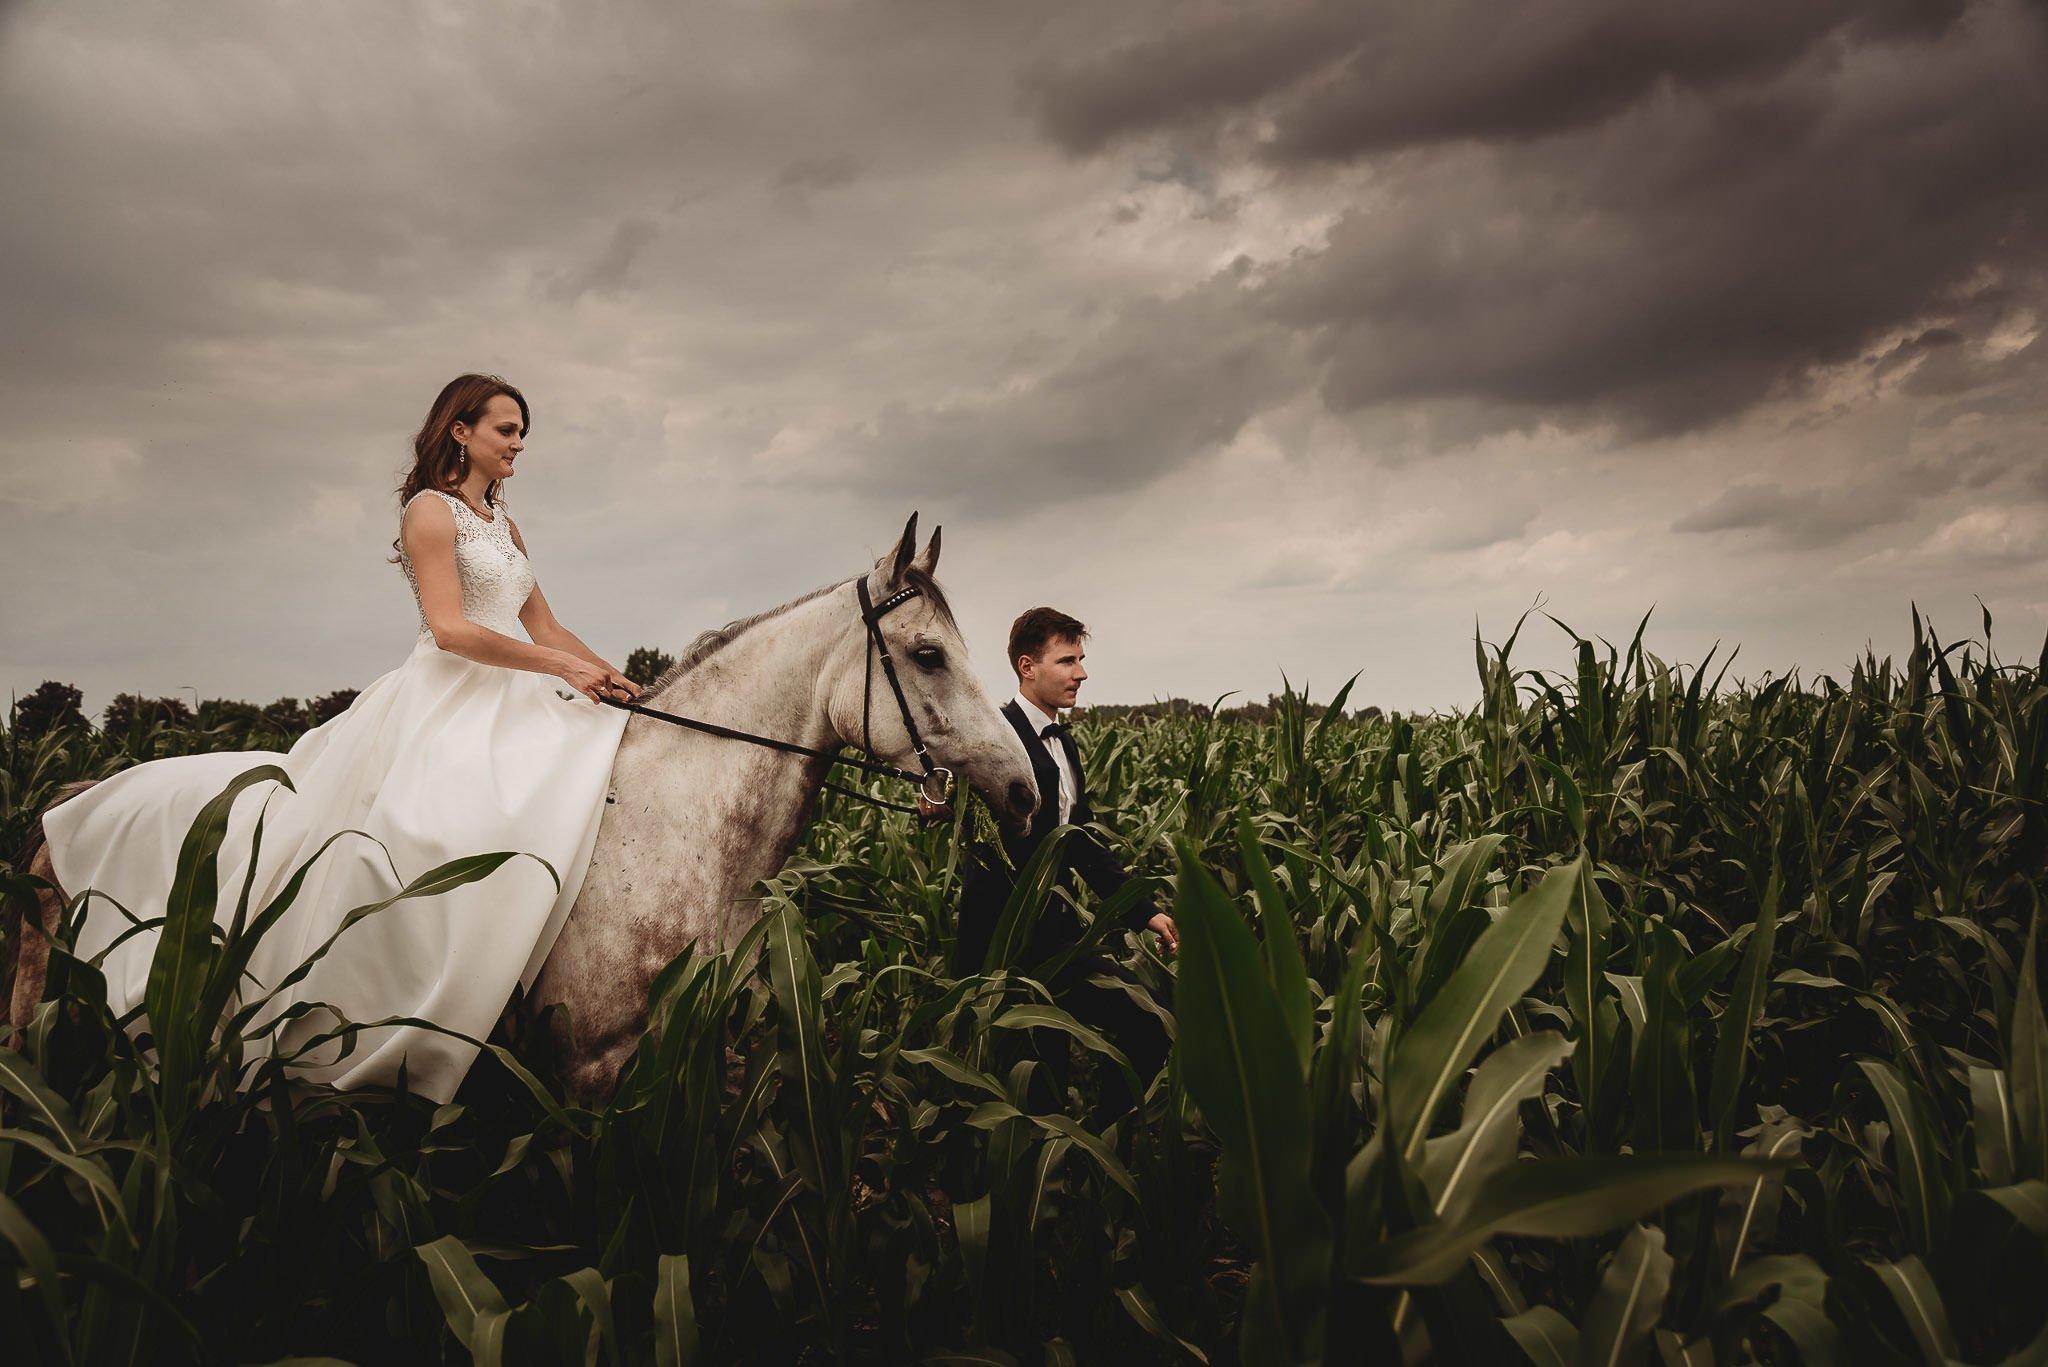 Monika i Michał, wesele w Paryżu i sesja plenerowa w stadninie koni w Czołowie 410